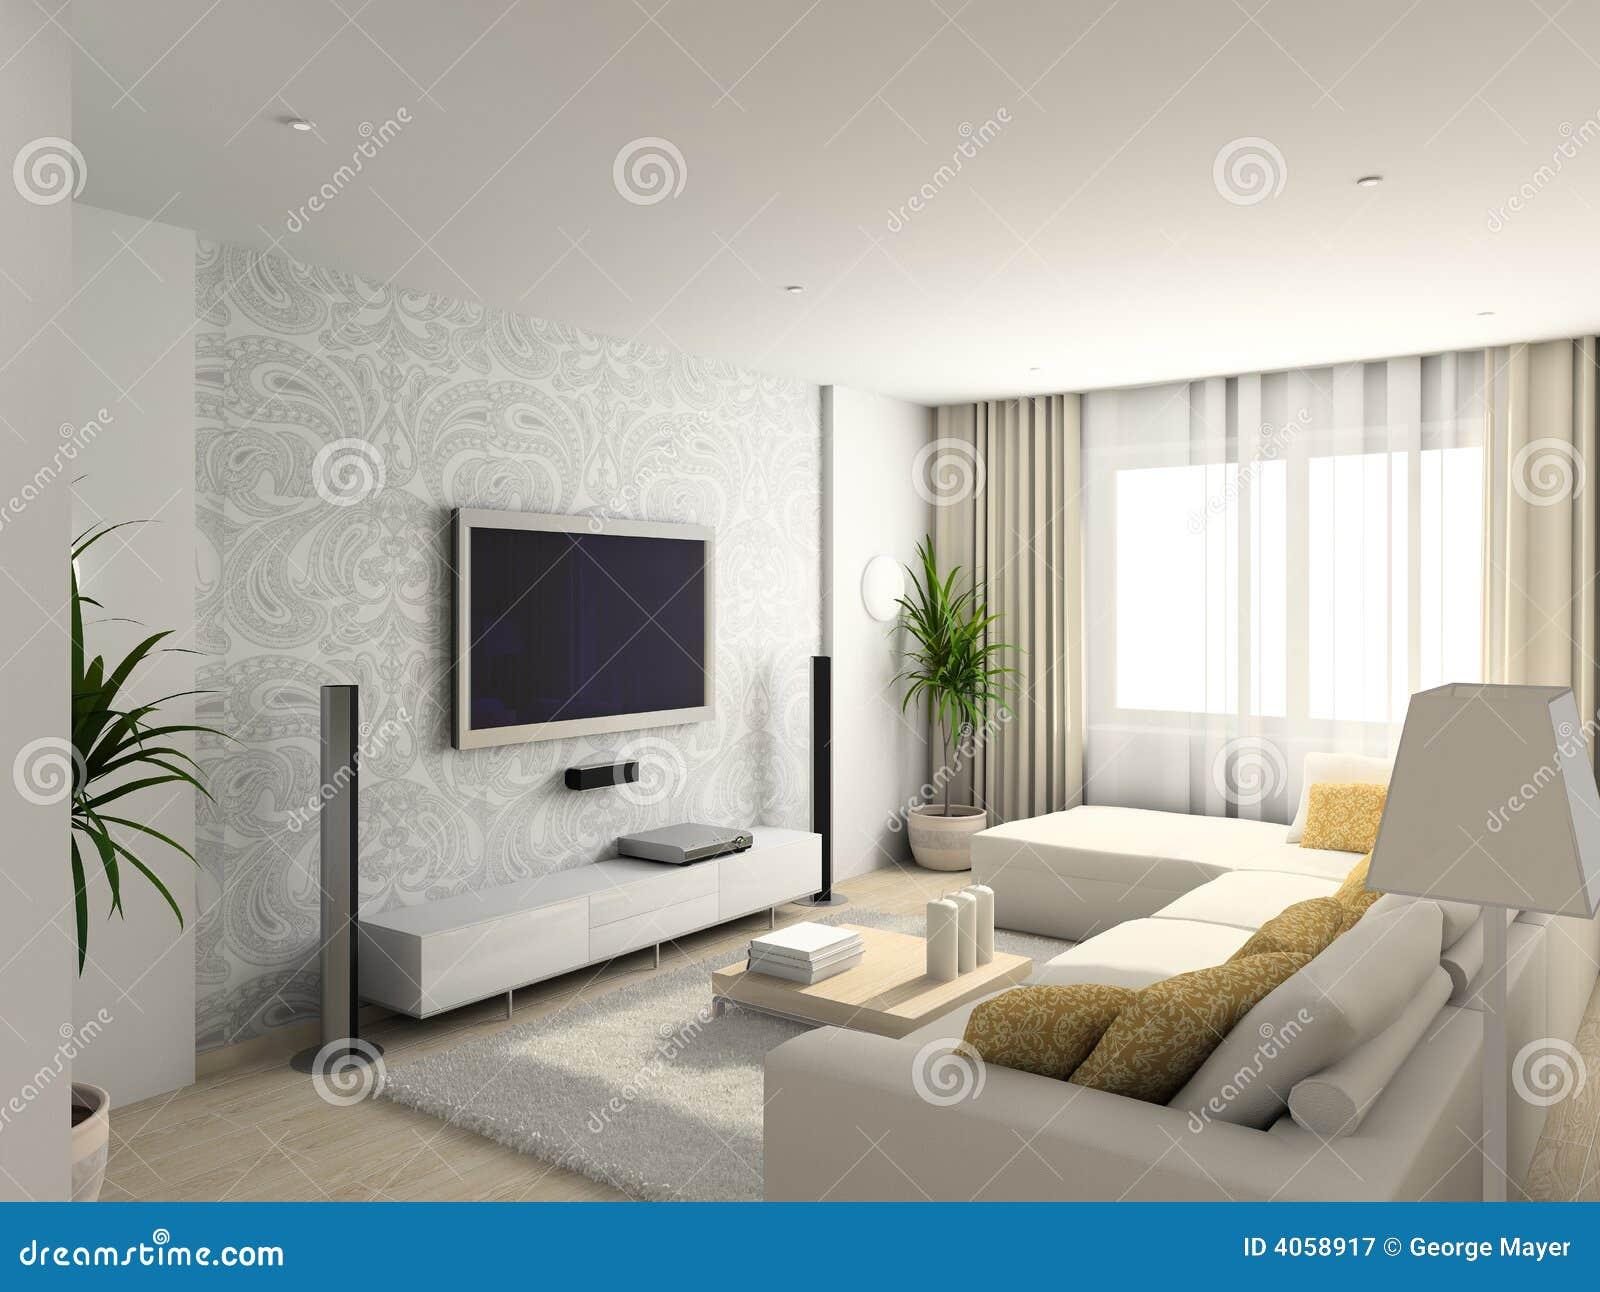 Wohnzimmer Mit Den Modernen Mobeln Stock Abbildung Illustration